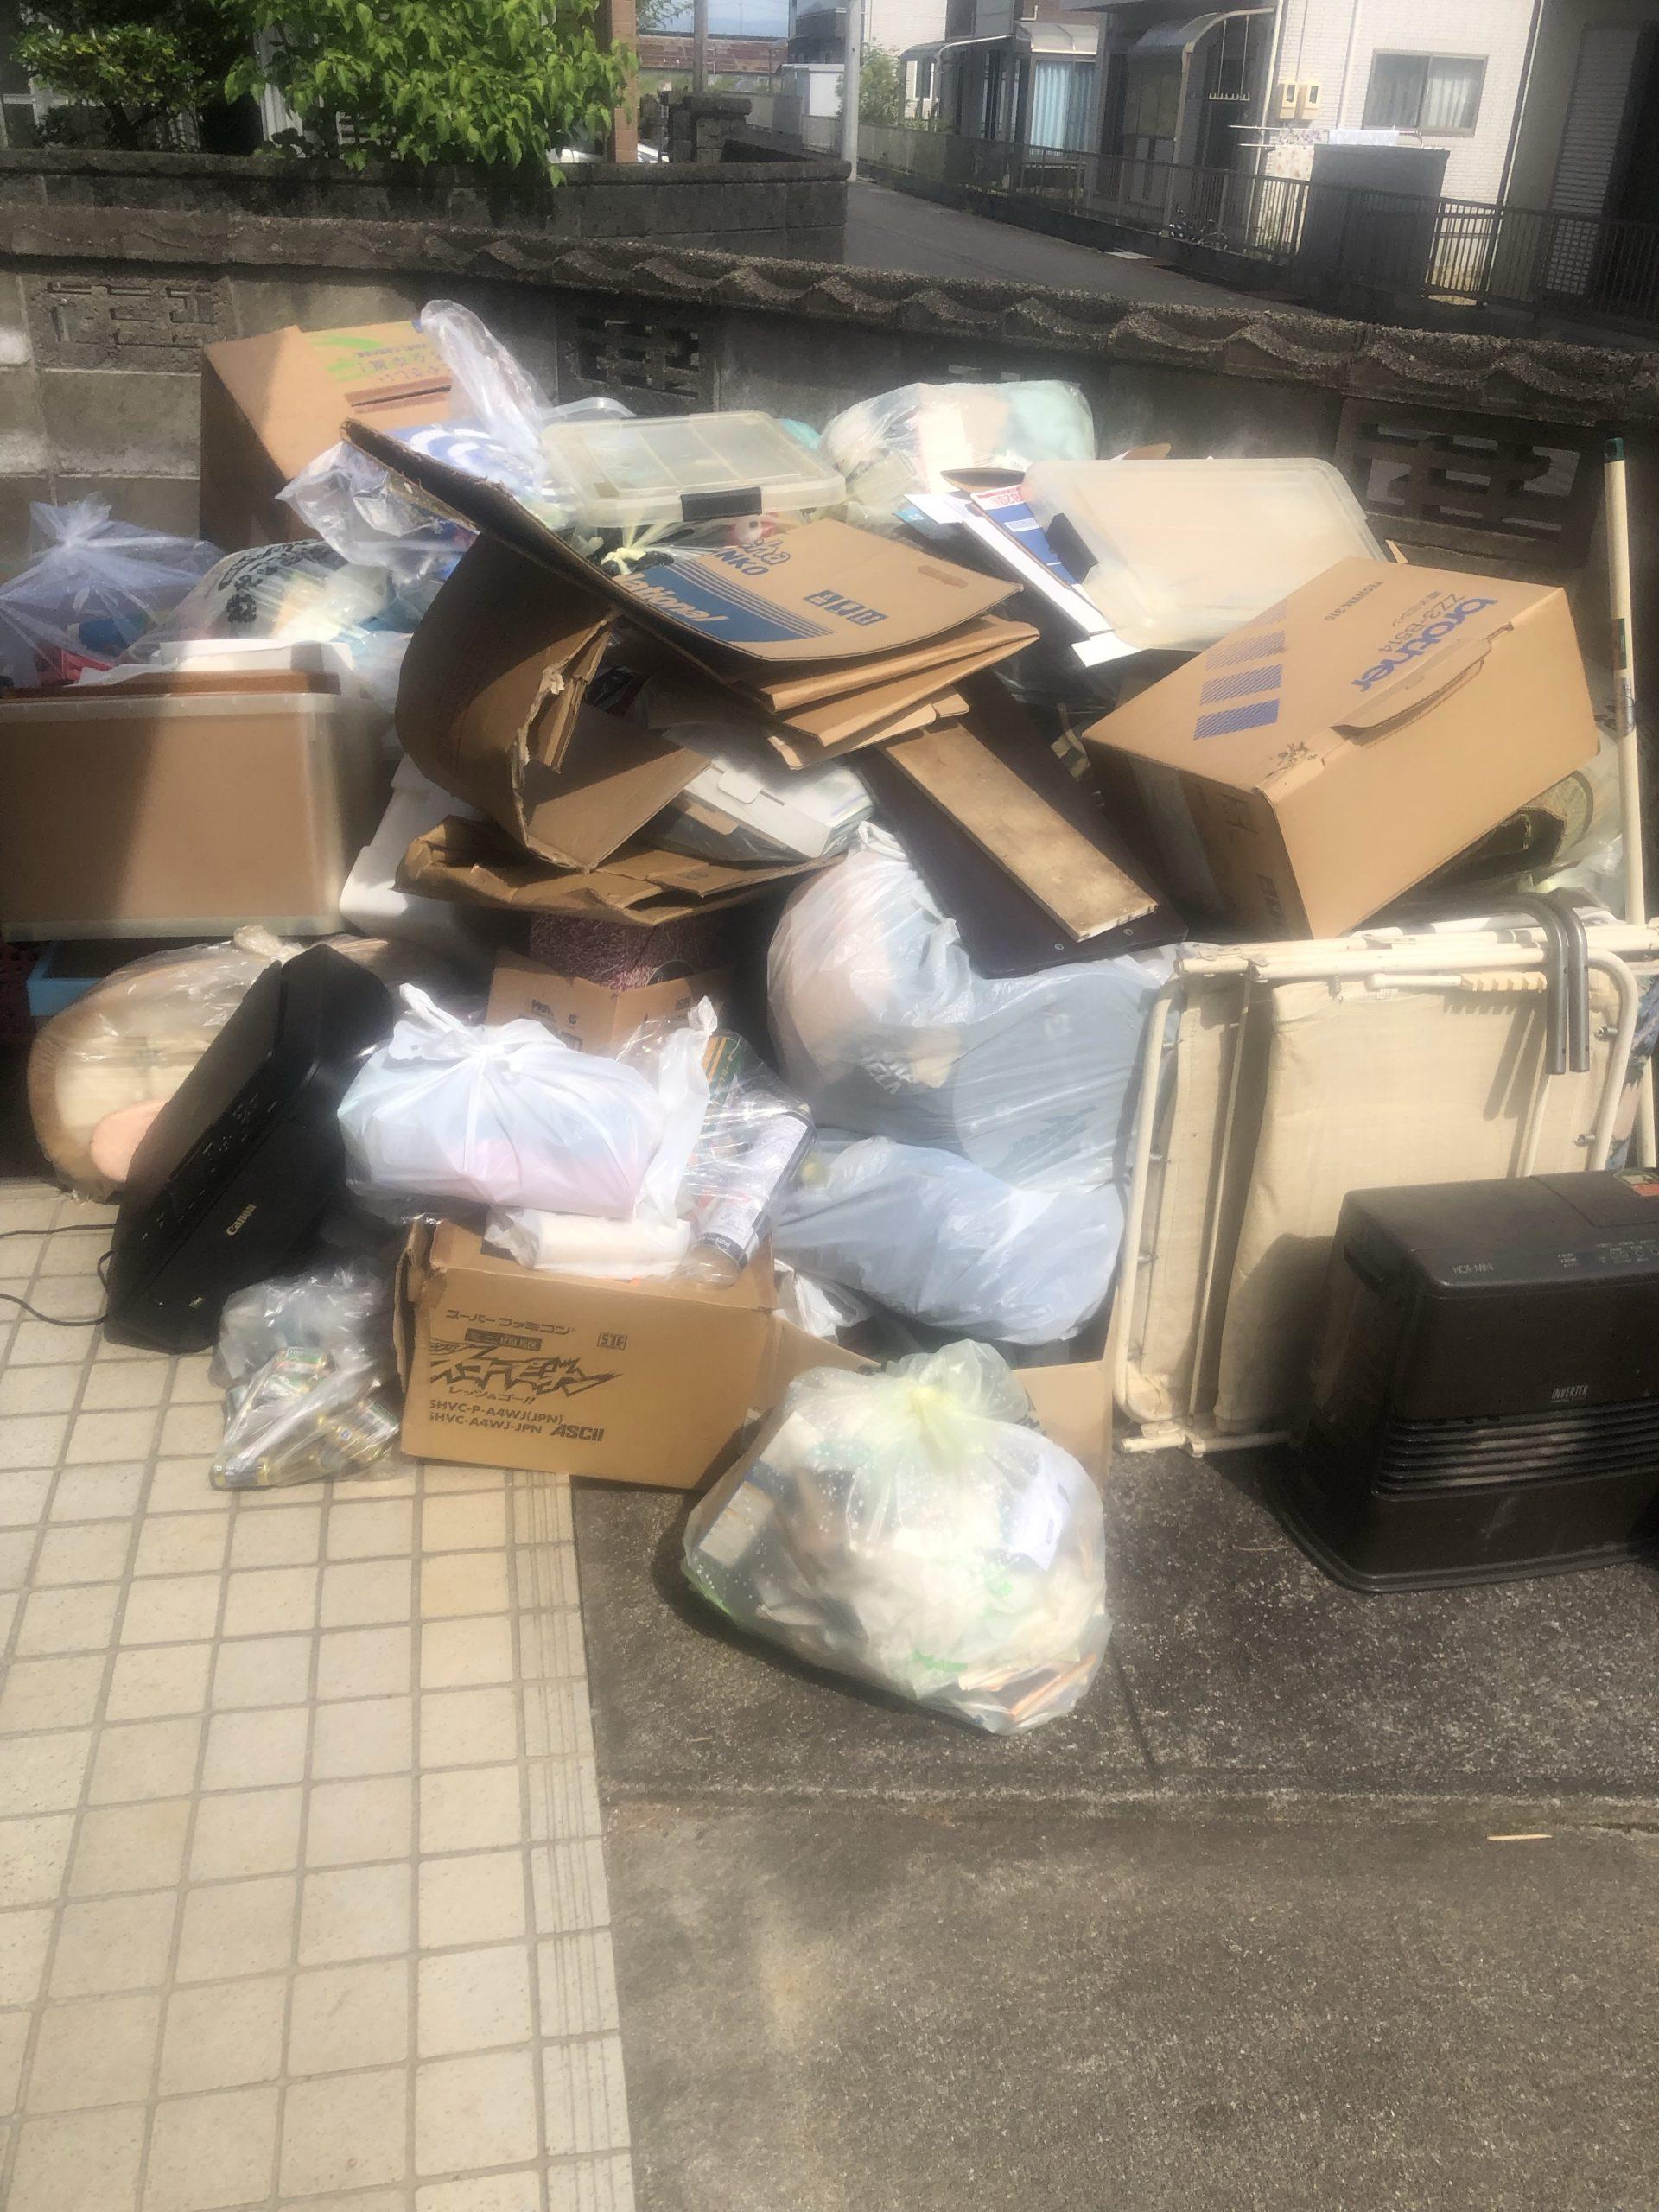 三重県津市や松阪市で不用品回収や処分のご依頼、家屋解体工事の見積もり業者なら株式会社kousui